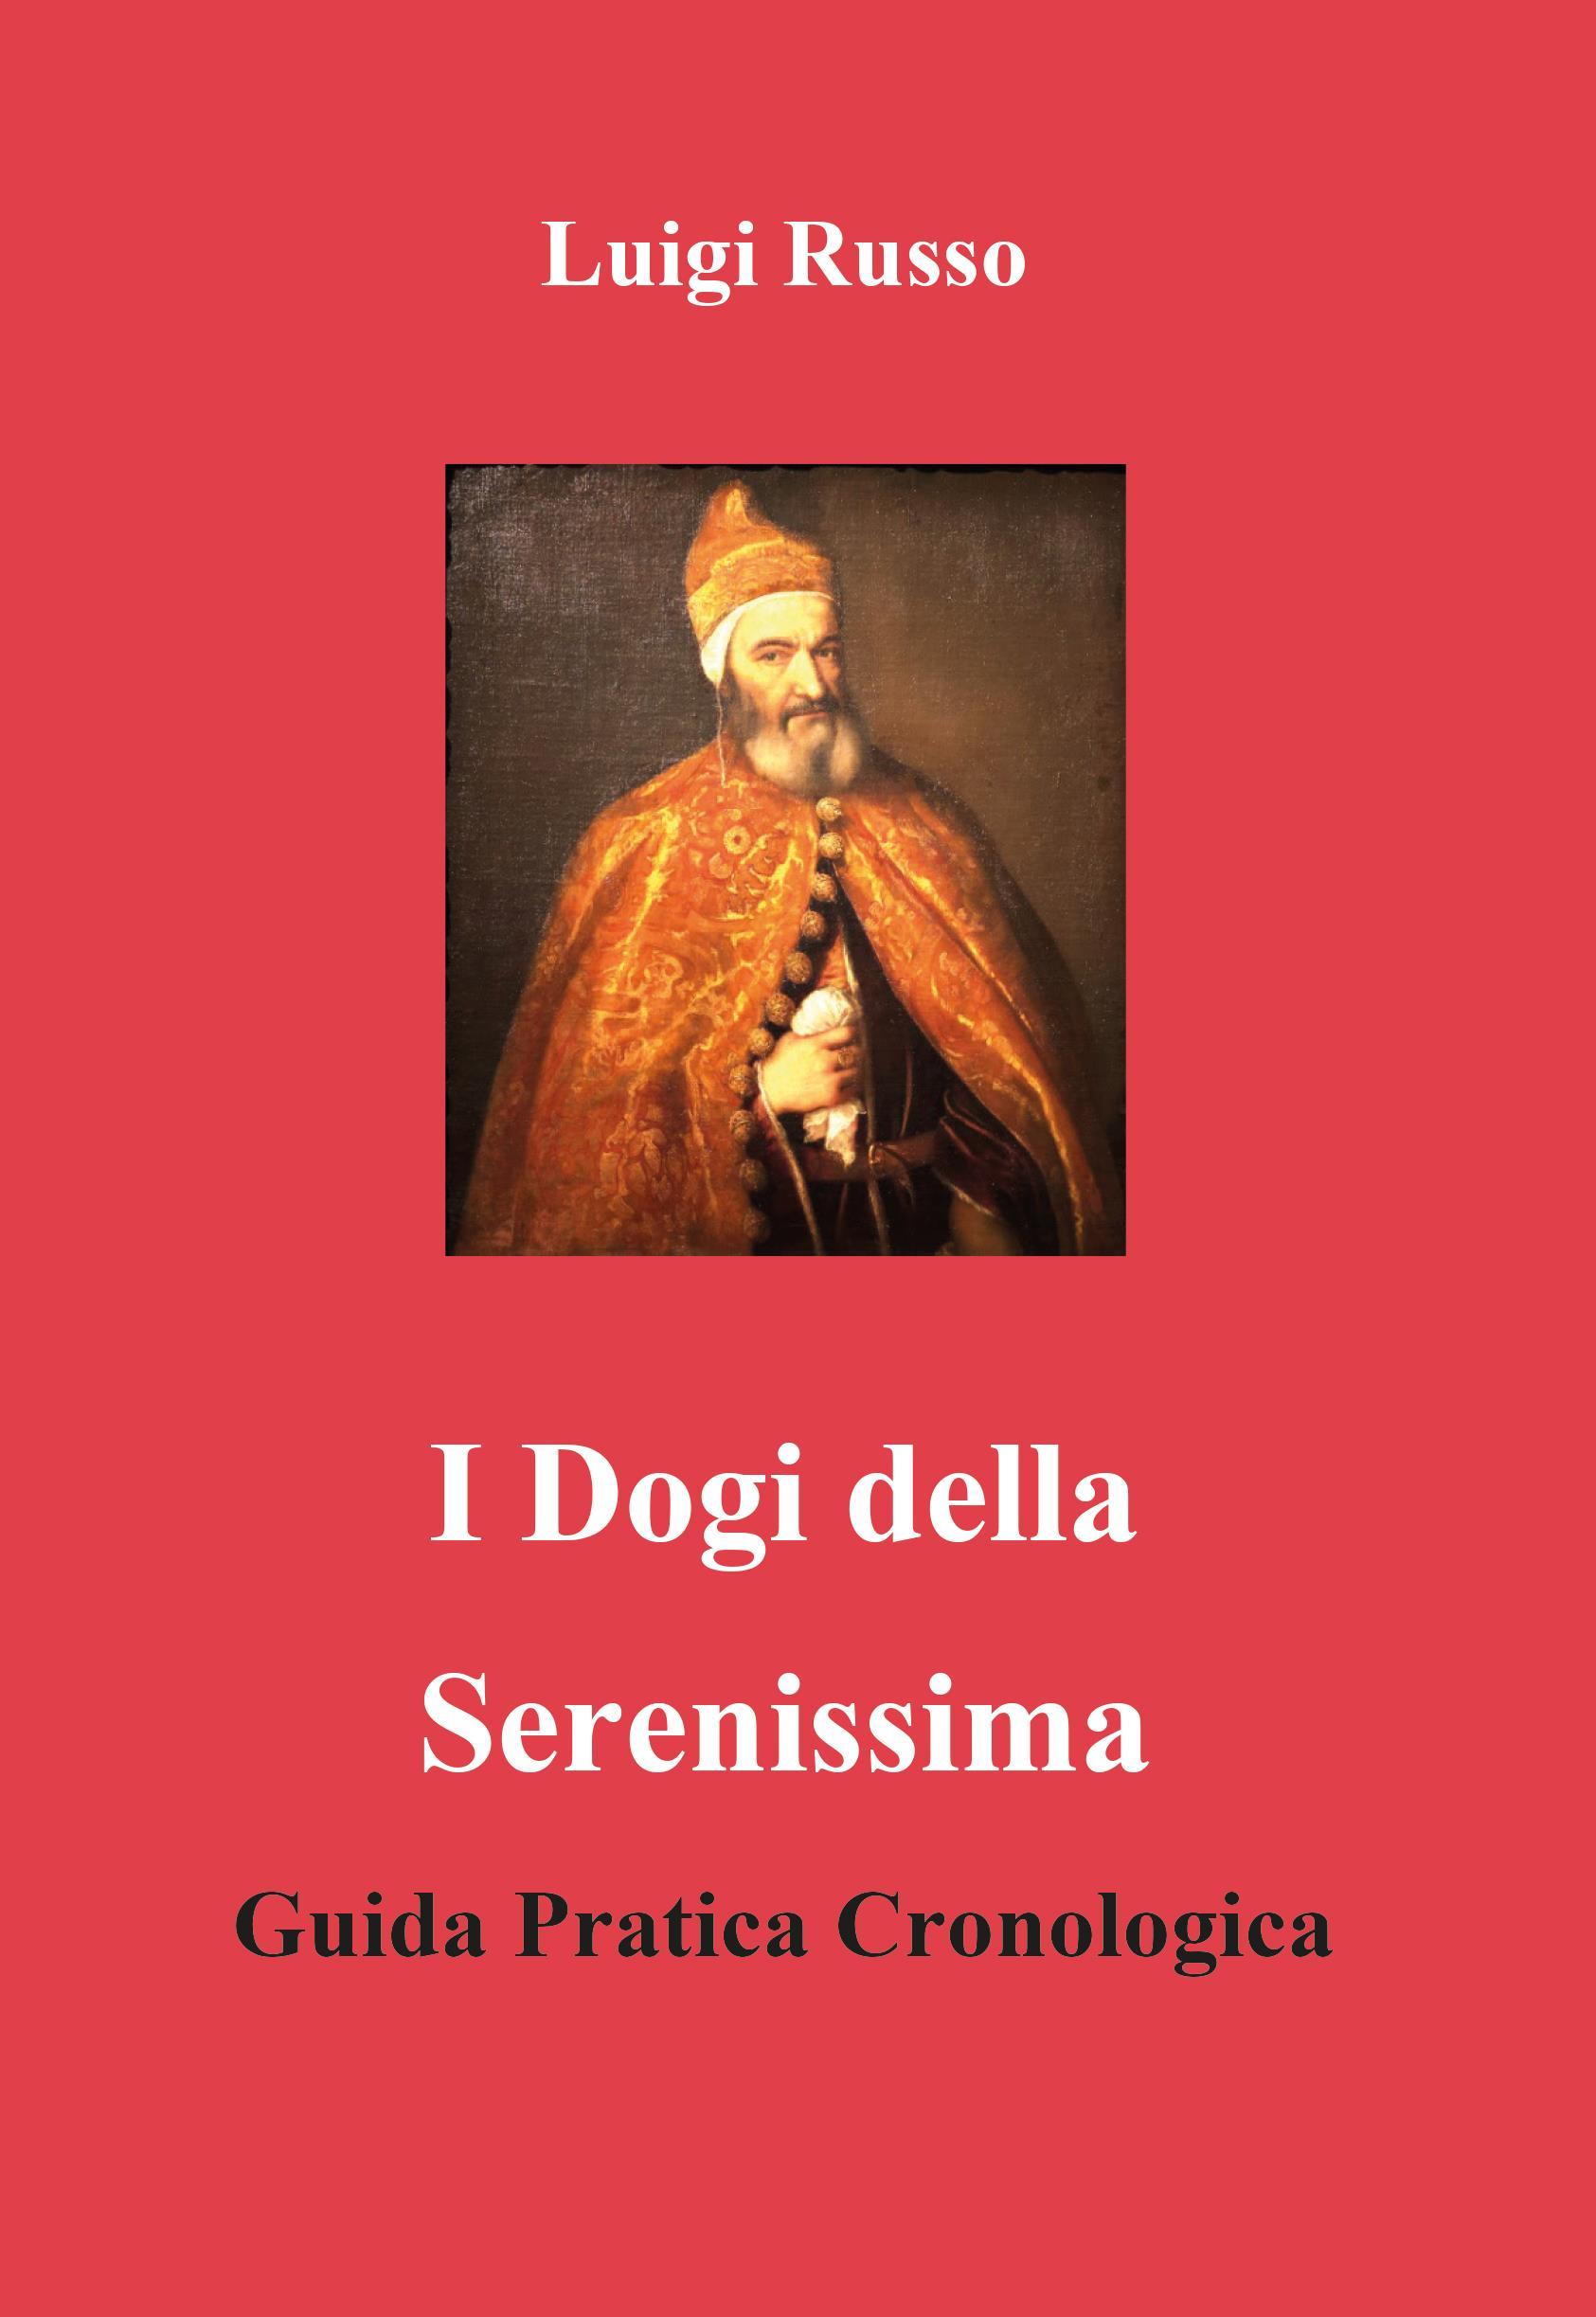 I Dogi della Serenissima Guida Pratica Cronologica